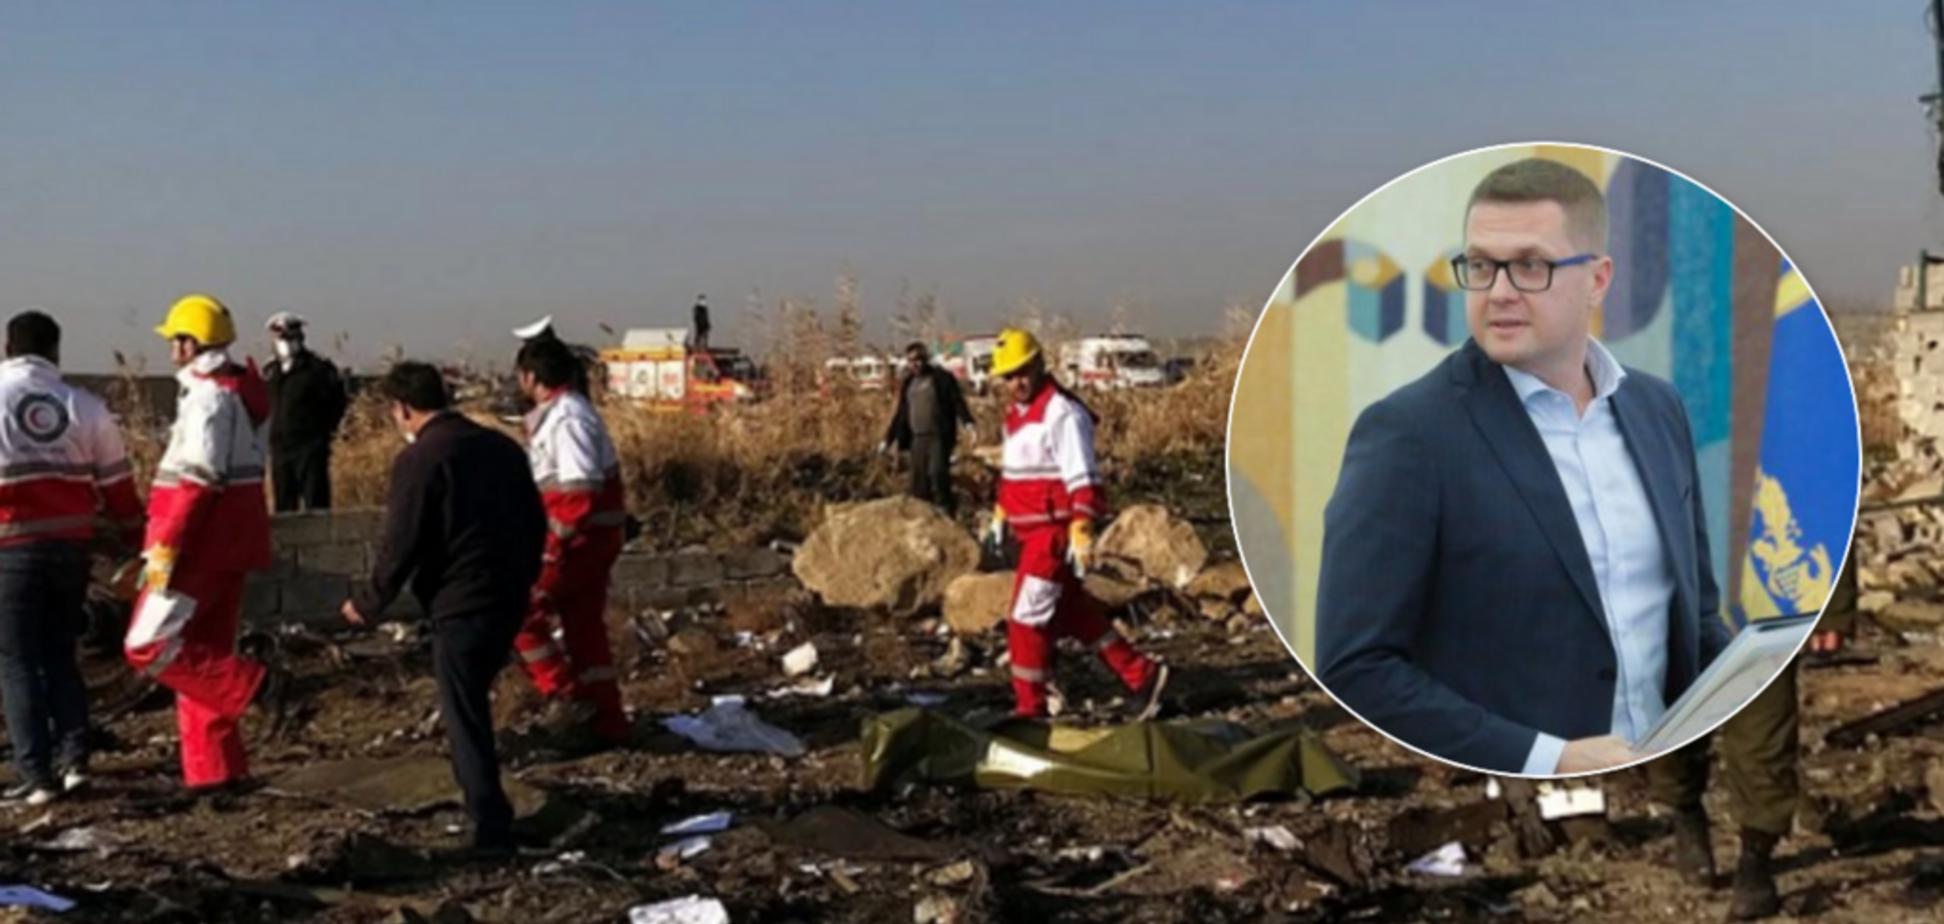 Теракт? СБУ озвучила две версии катастрофы с украинским самолетом в Иране